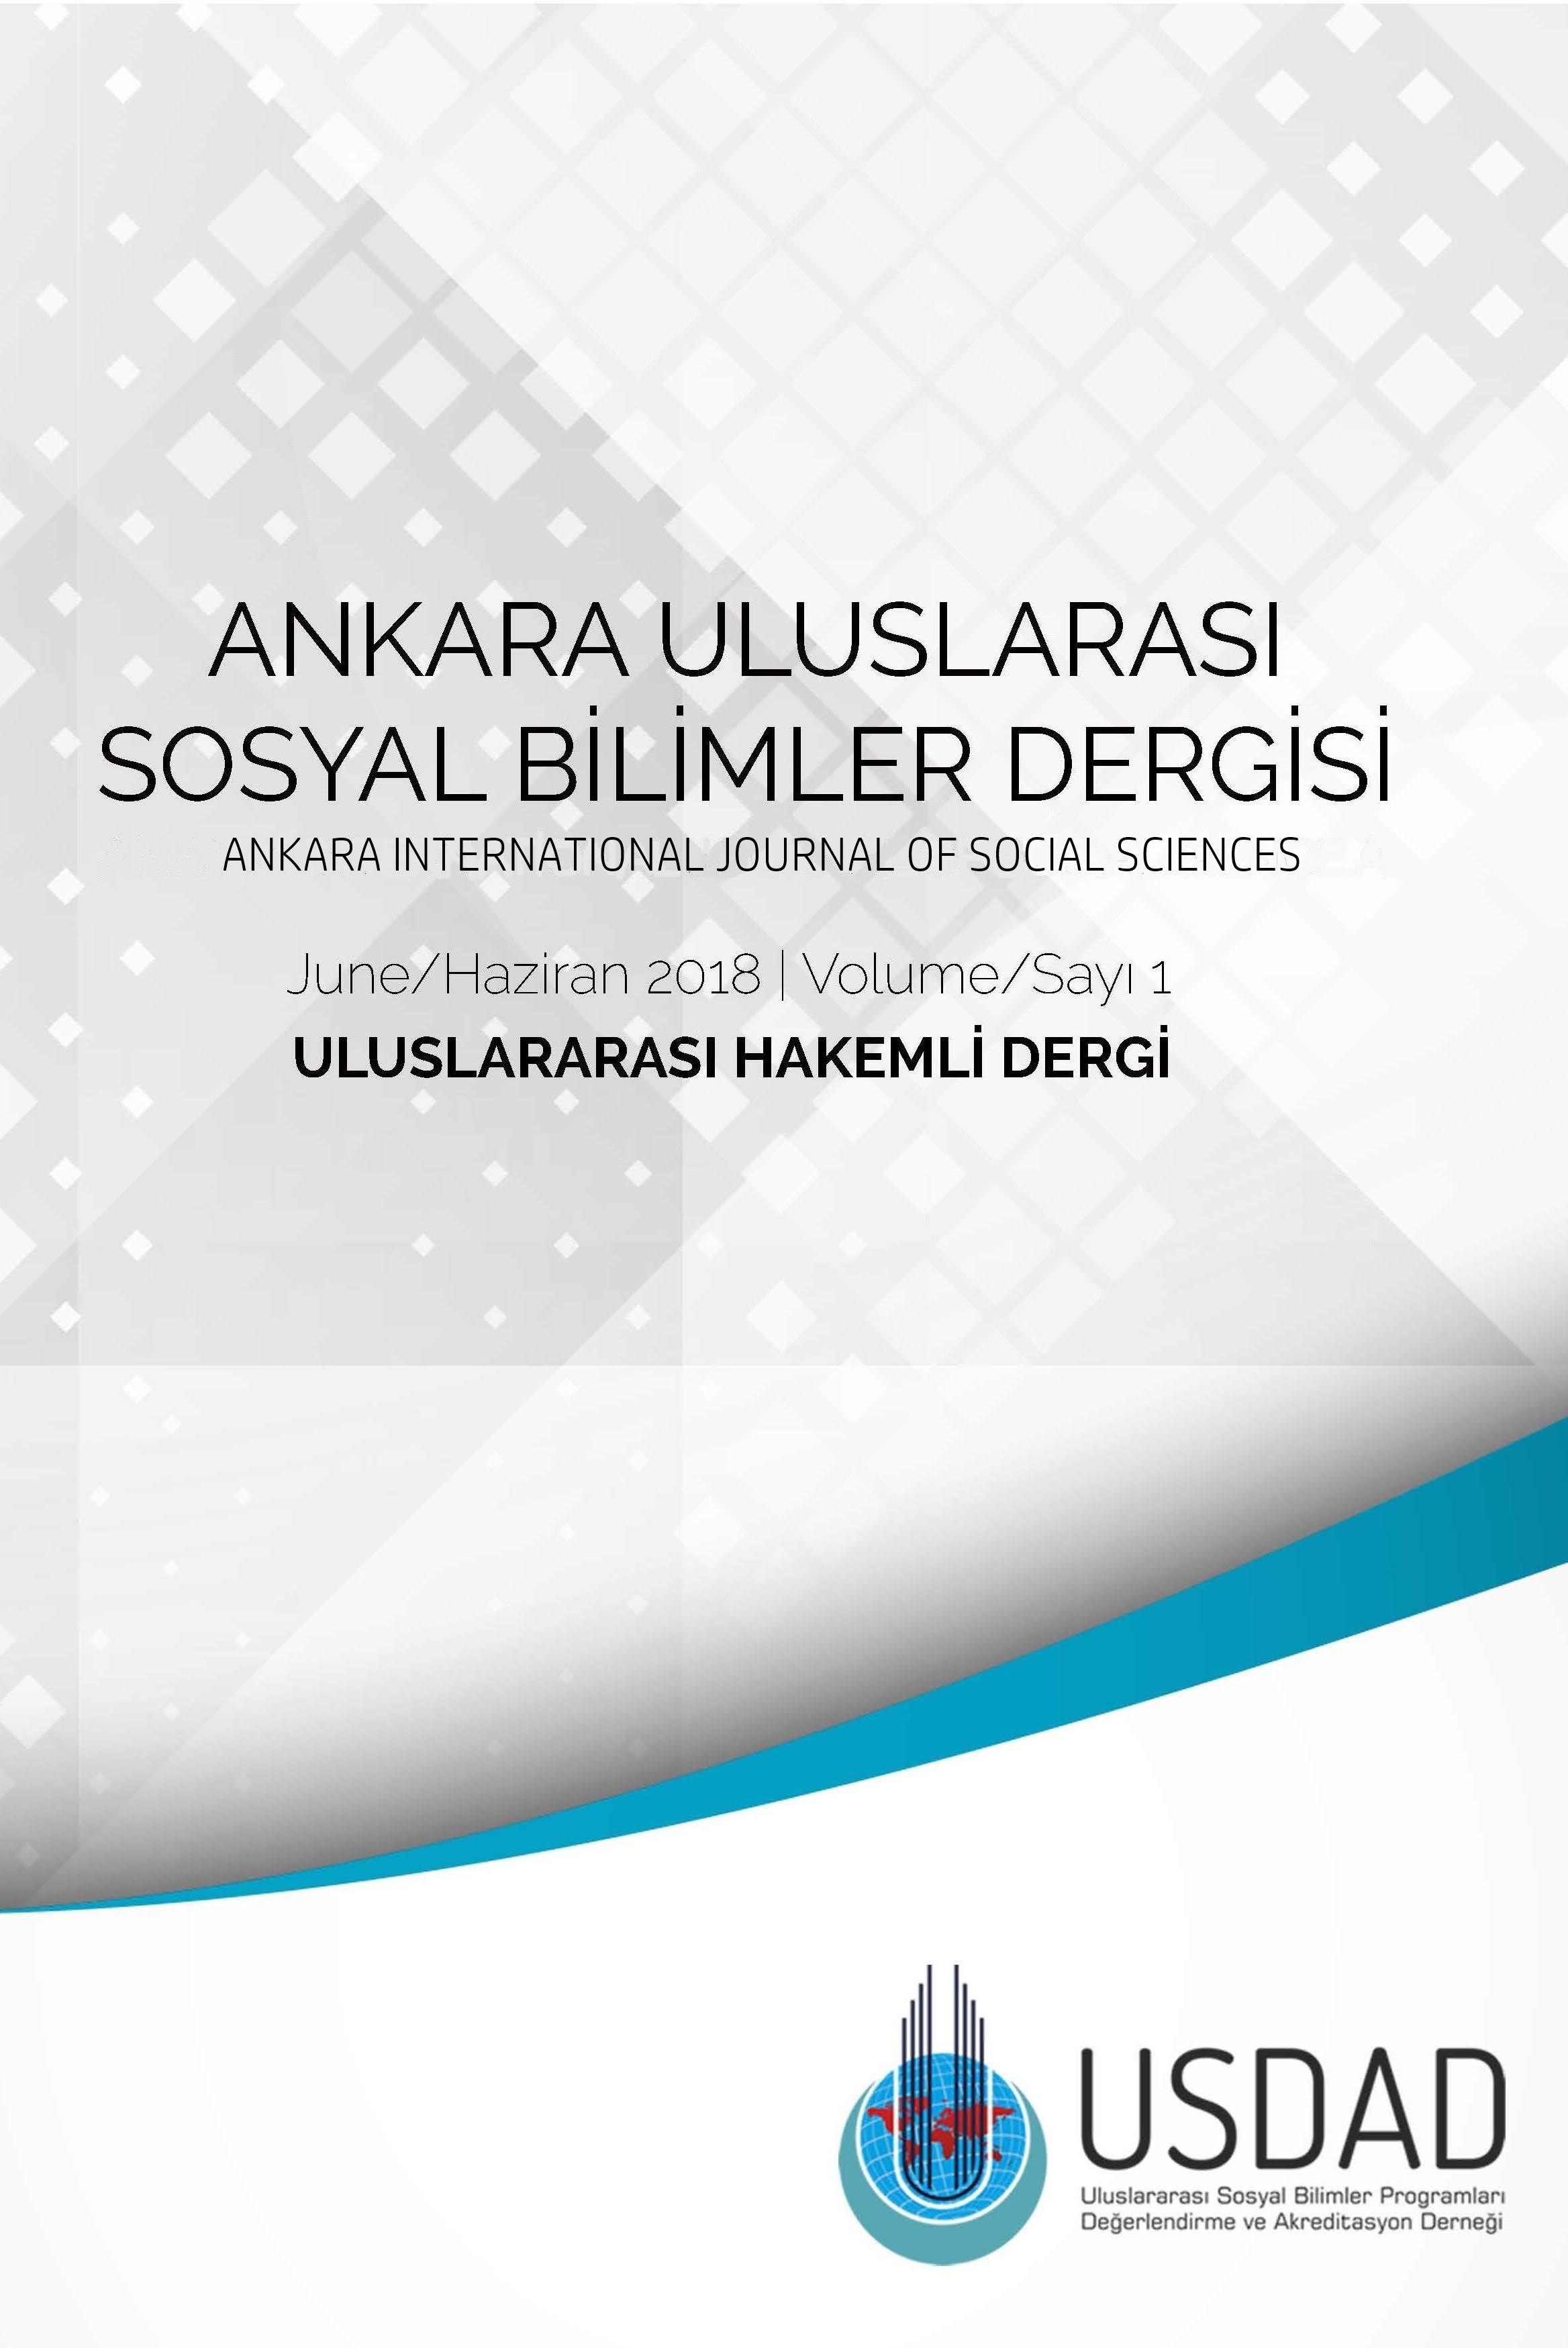 Ankara Uluslararası Sosyal Bilimler Dergisi